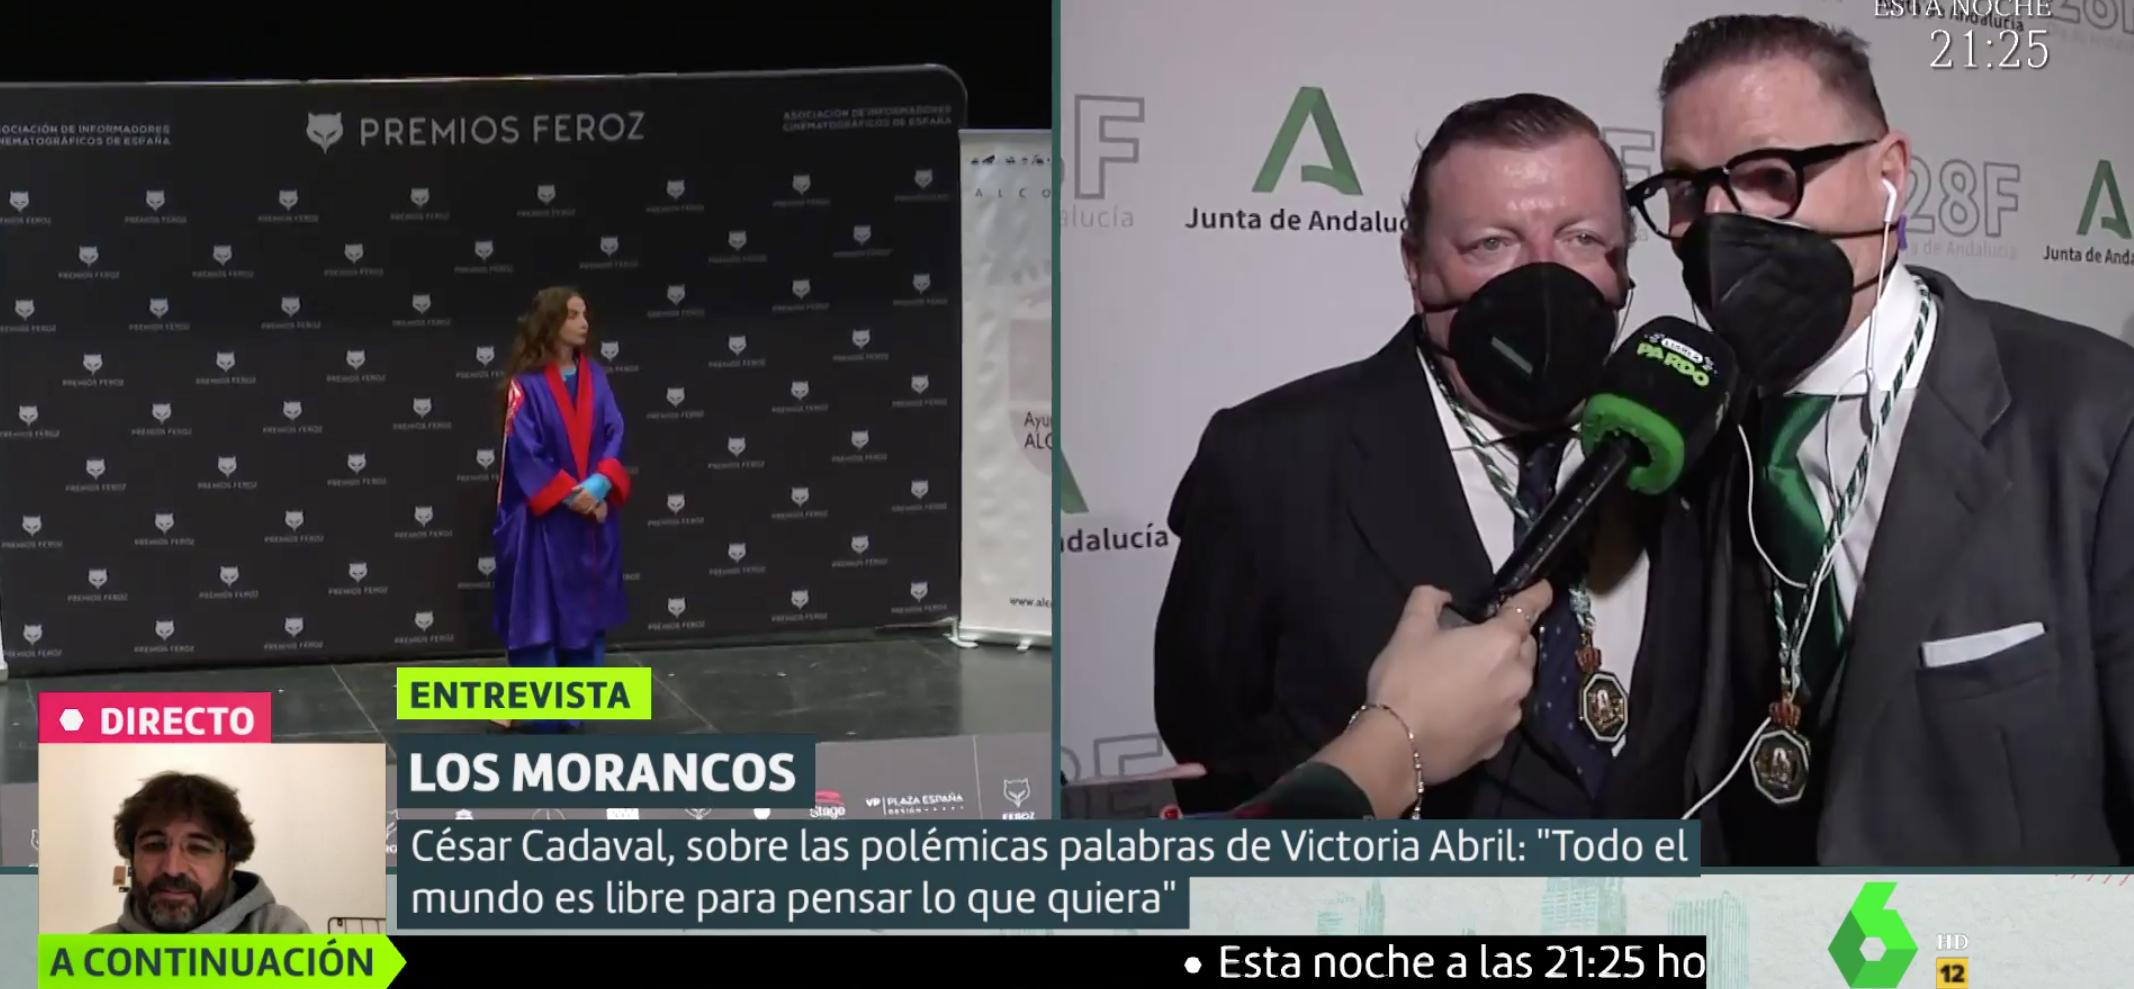 Los Morancos opinen sobre el negacionisme de Victoria Abril - La Sexta